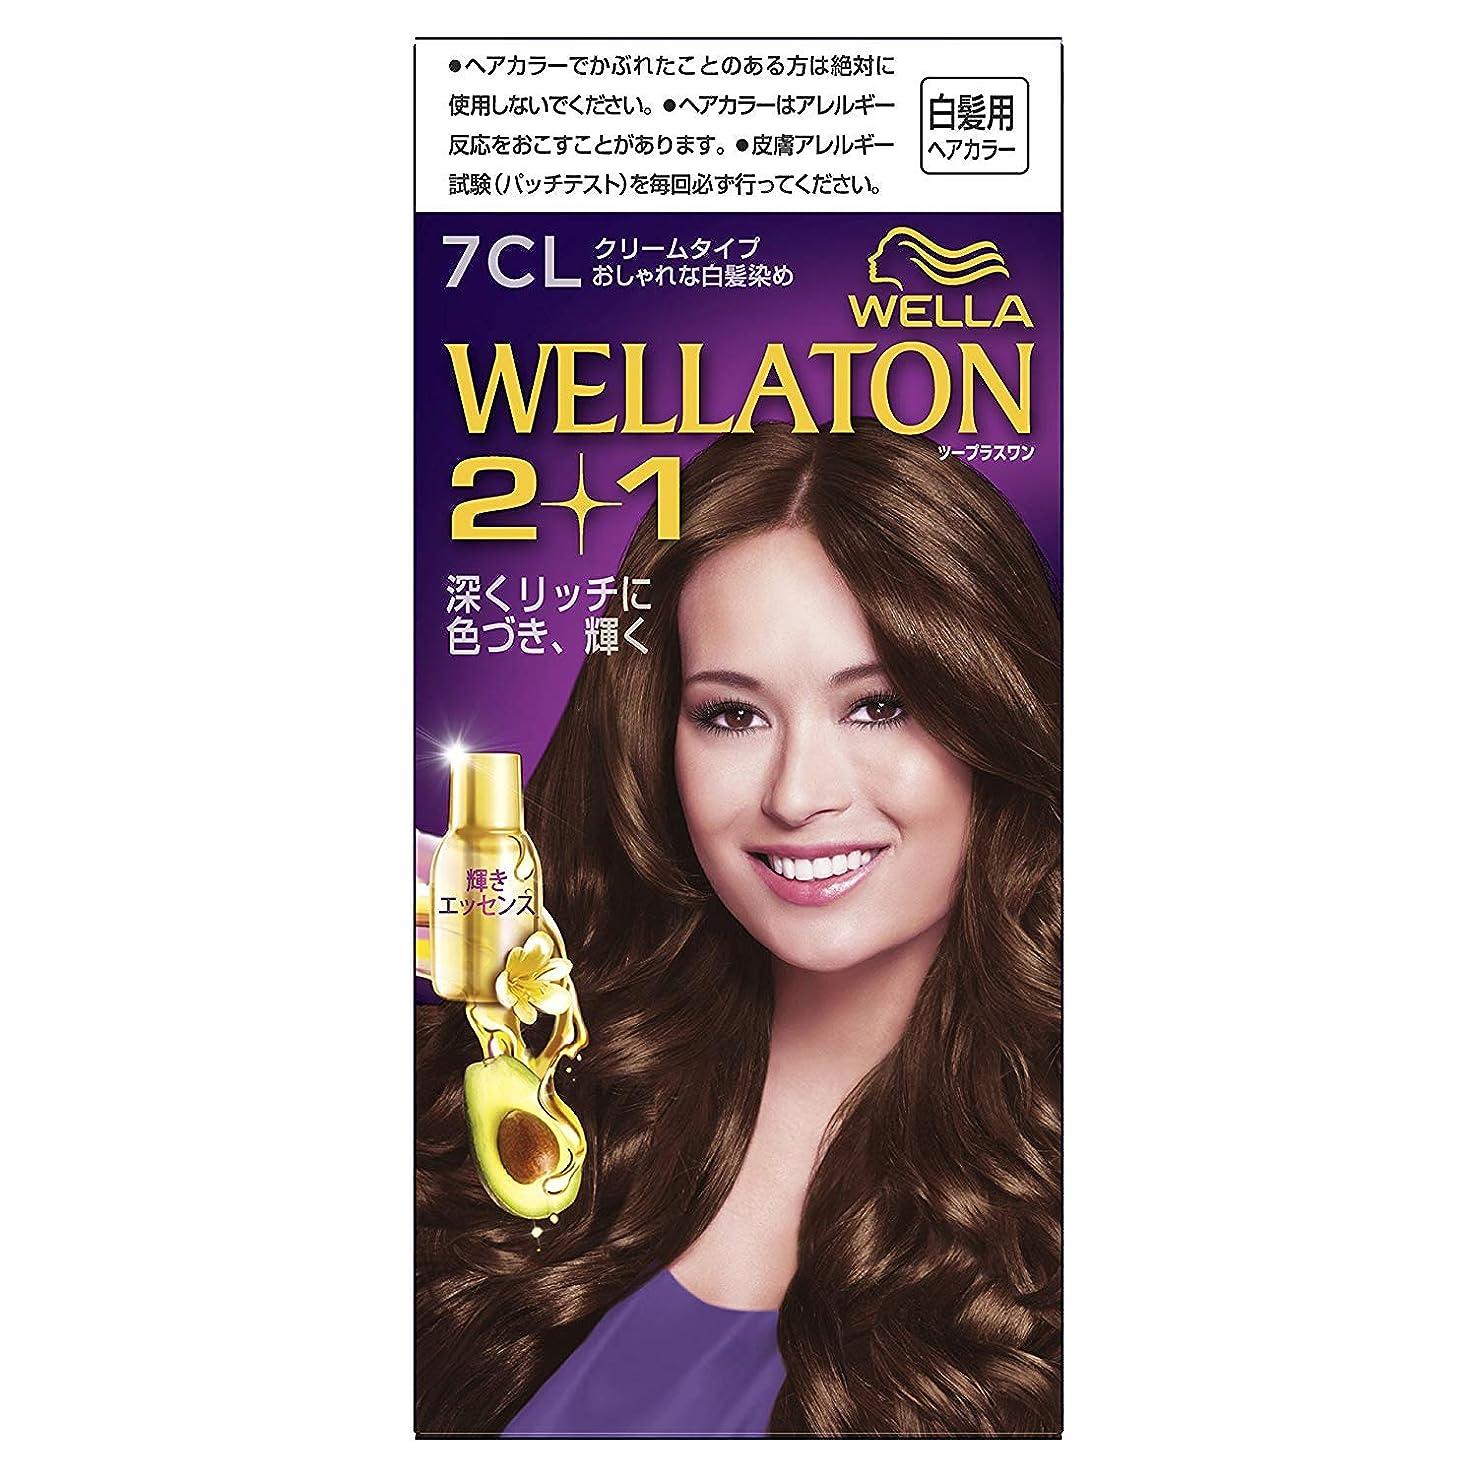 家族めんどり離れたウエラトーン2+1 白髪染め クリームタイプ 7CL [医薬部外品]×3個